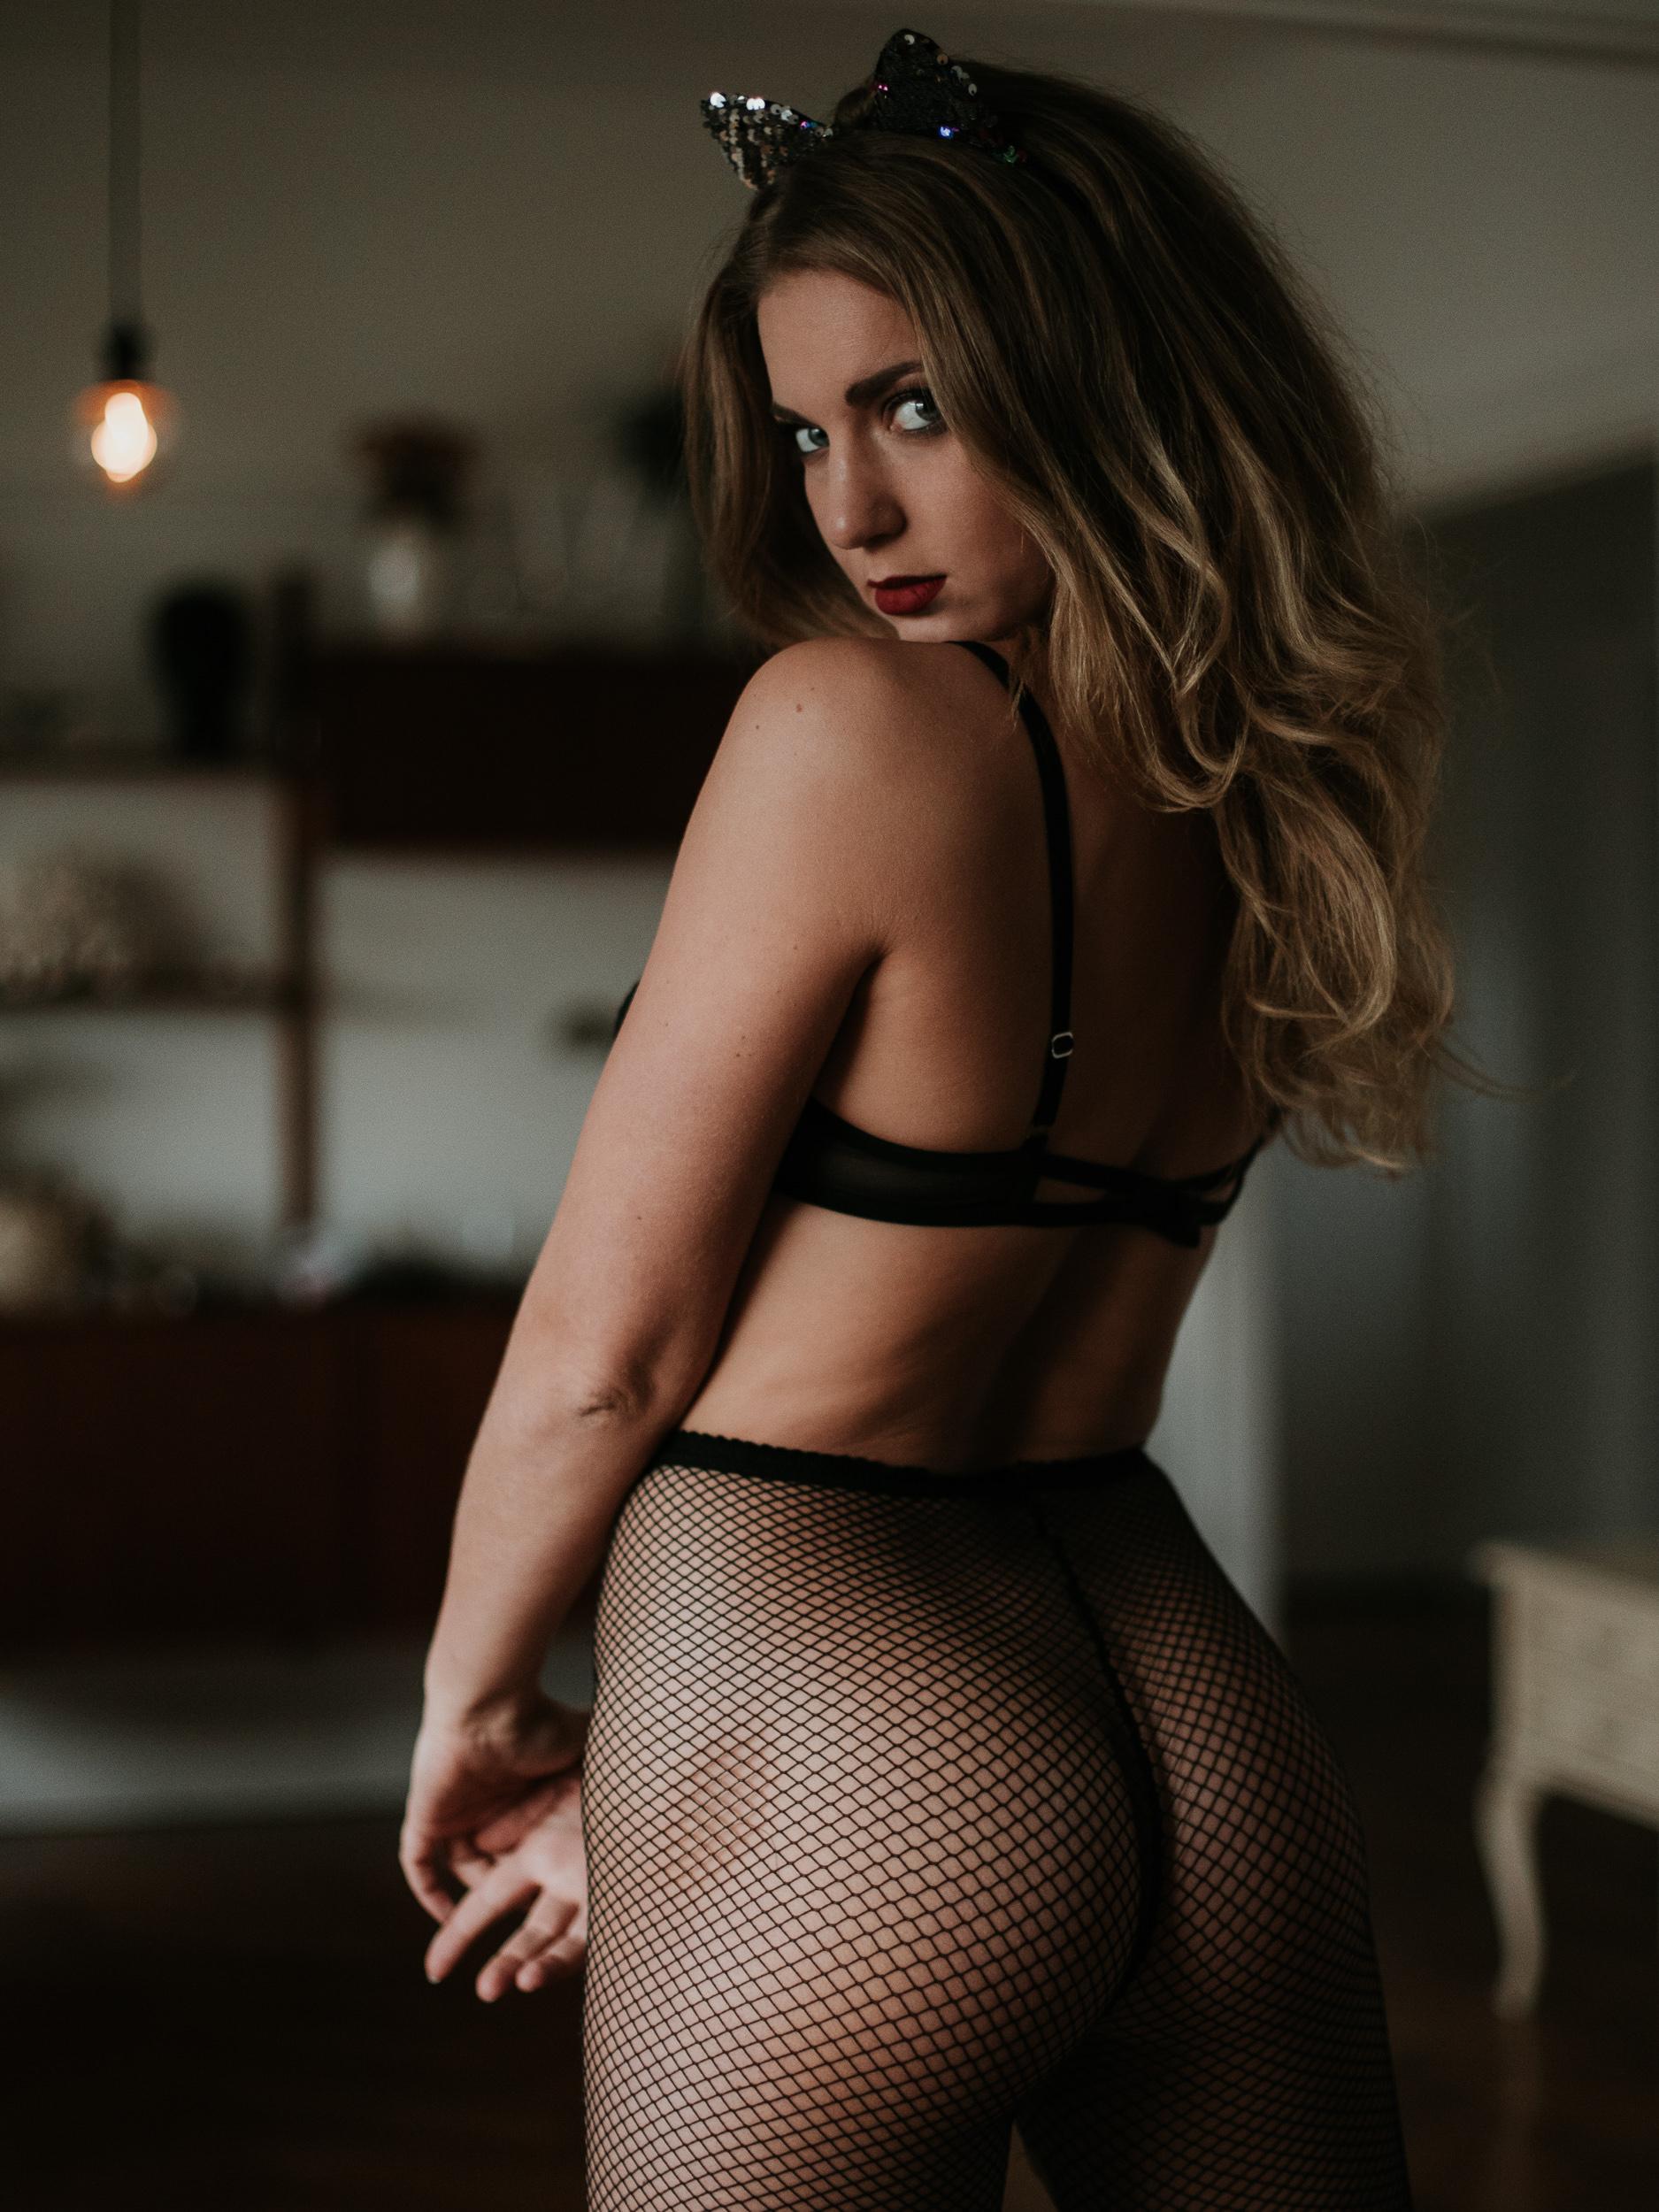 Nicola Michelle